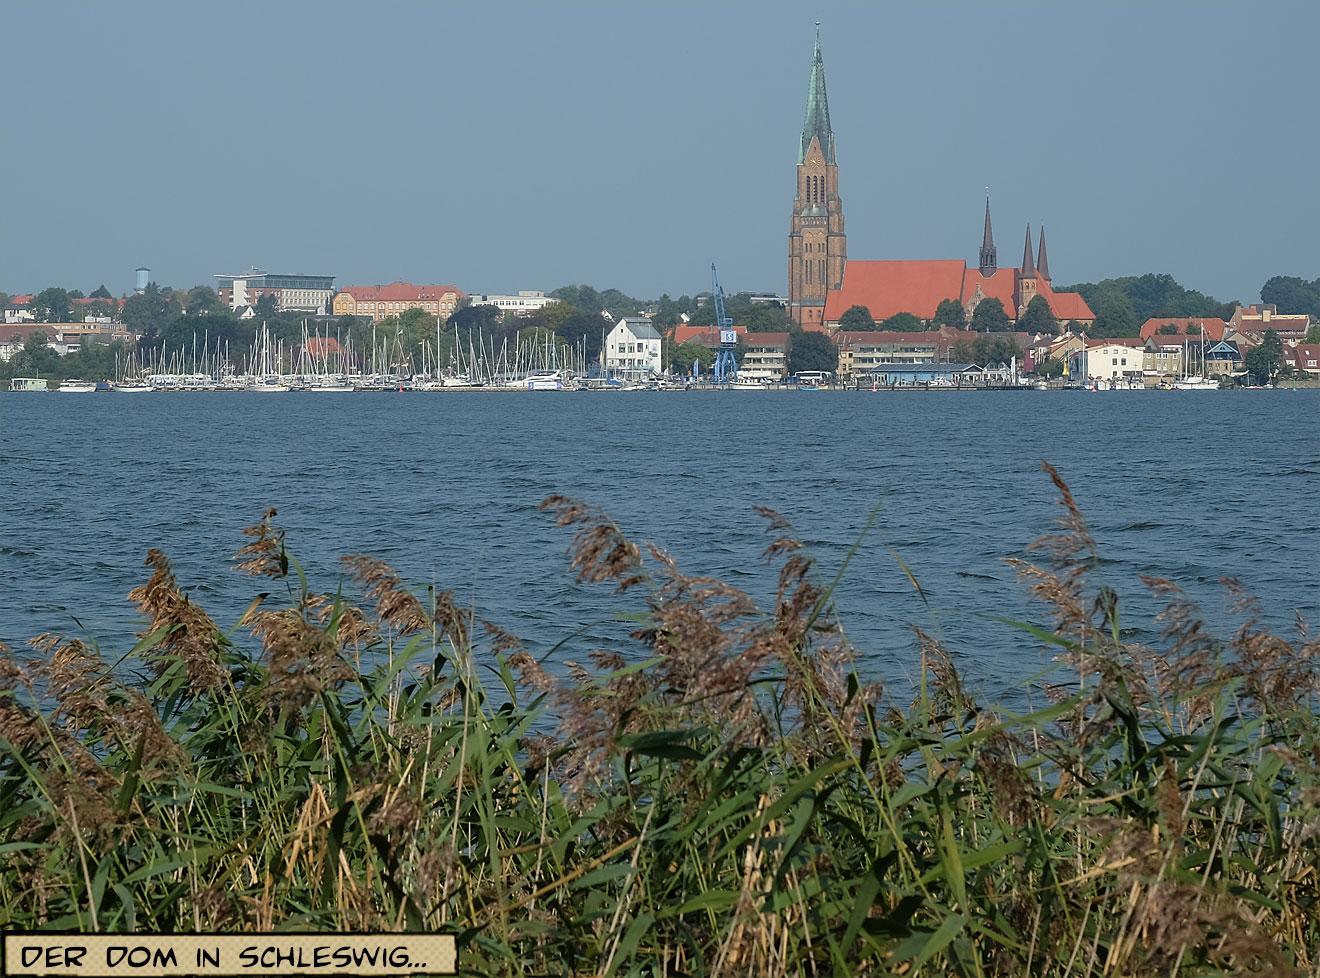 Schleswig an der Schlei mit Dom